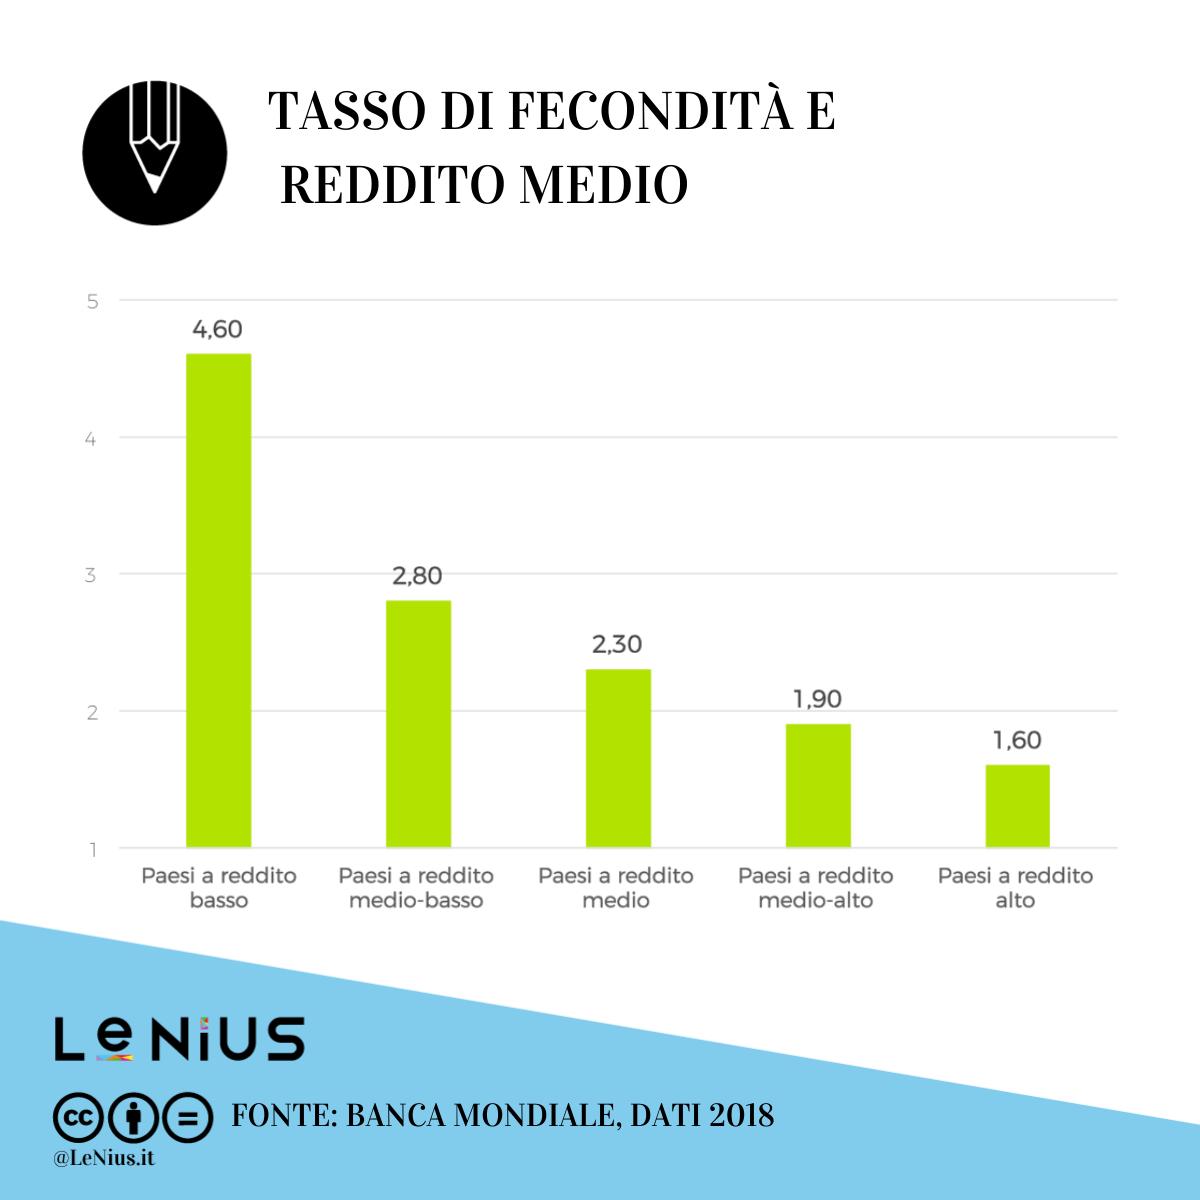 tasso di fecondità e reddito